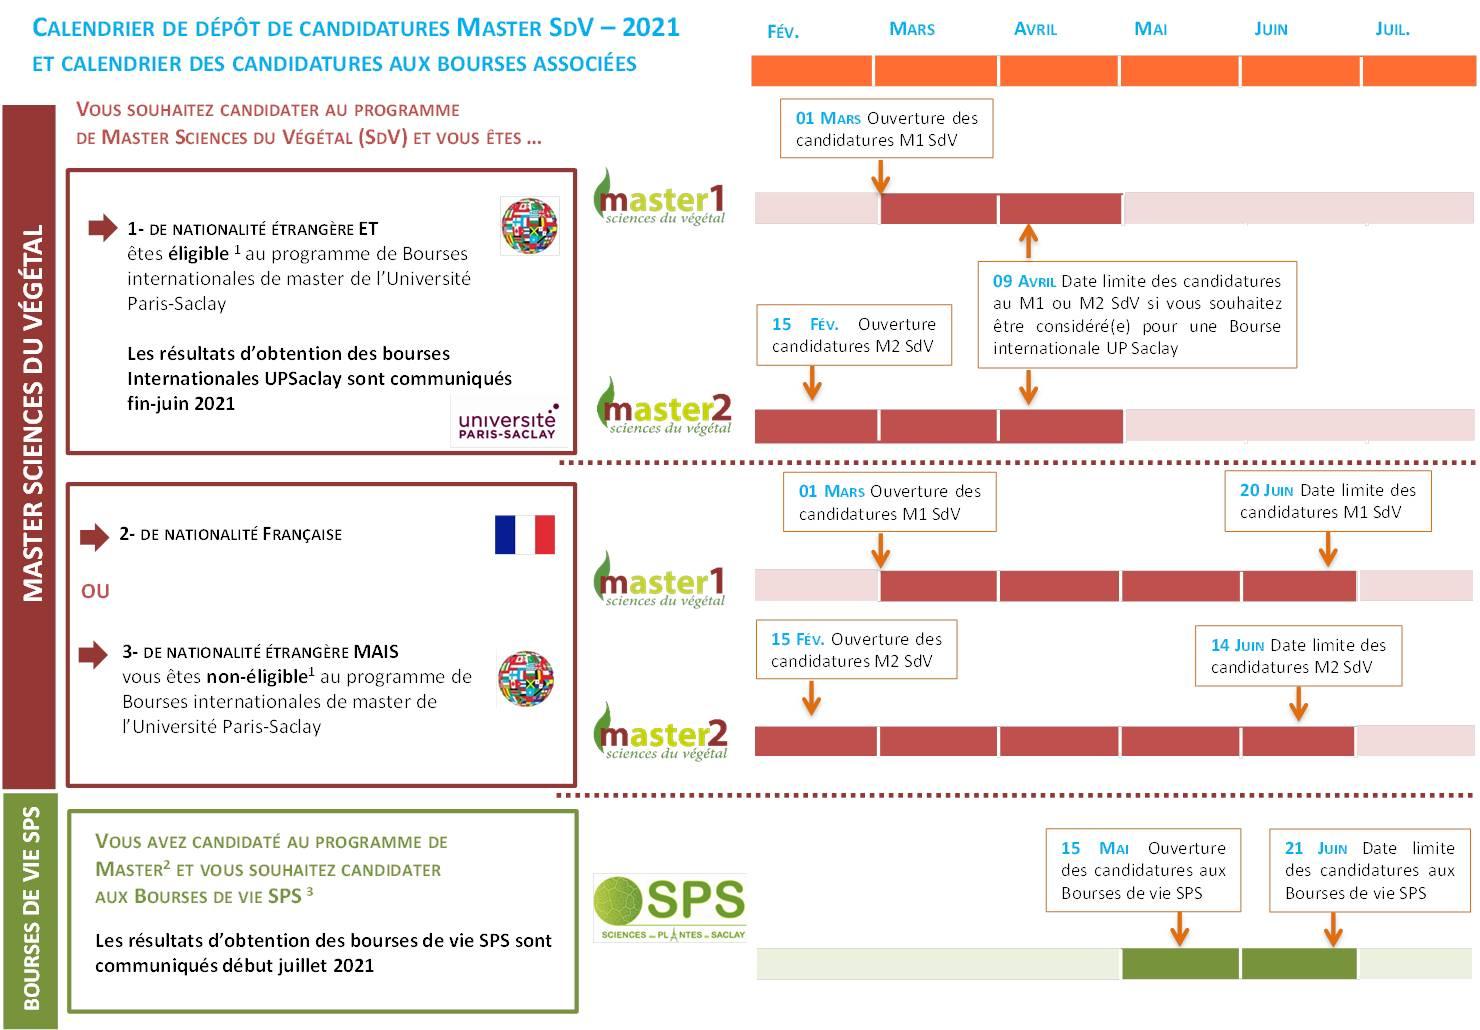 Timeline 20-21 FR